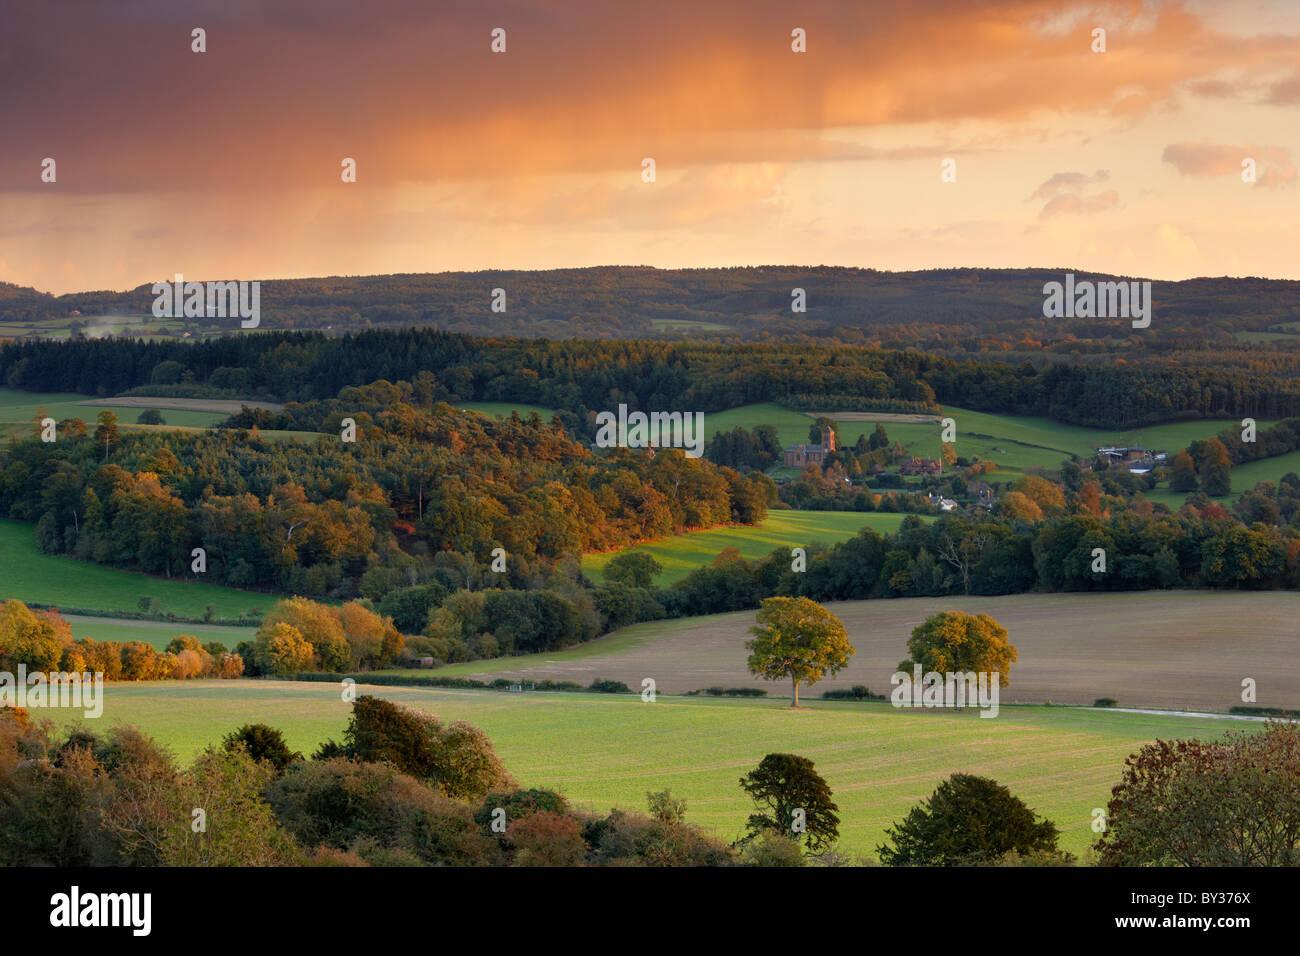 Vues vers Albury et les collines du Surrey countryside Photo Stock